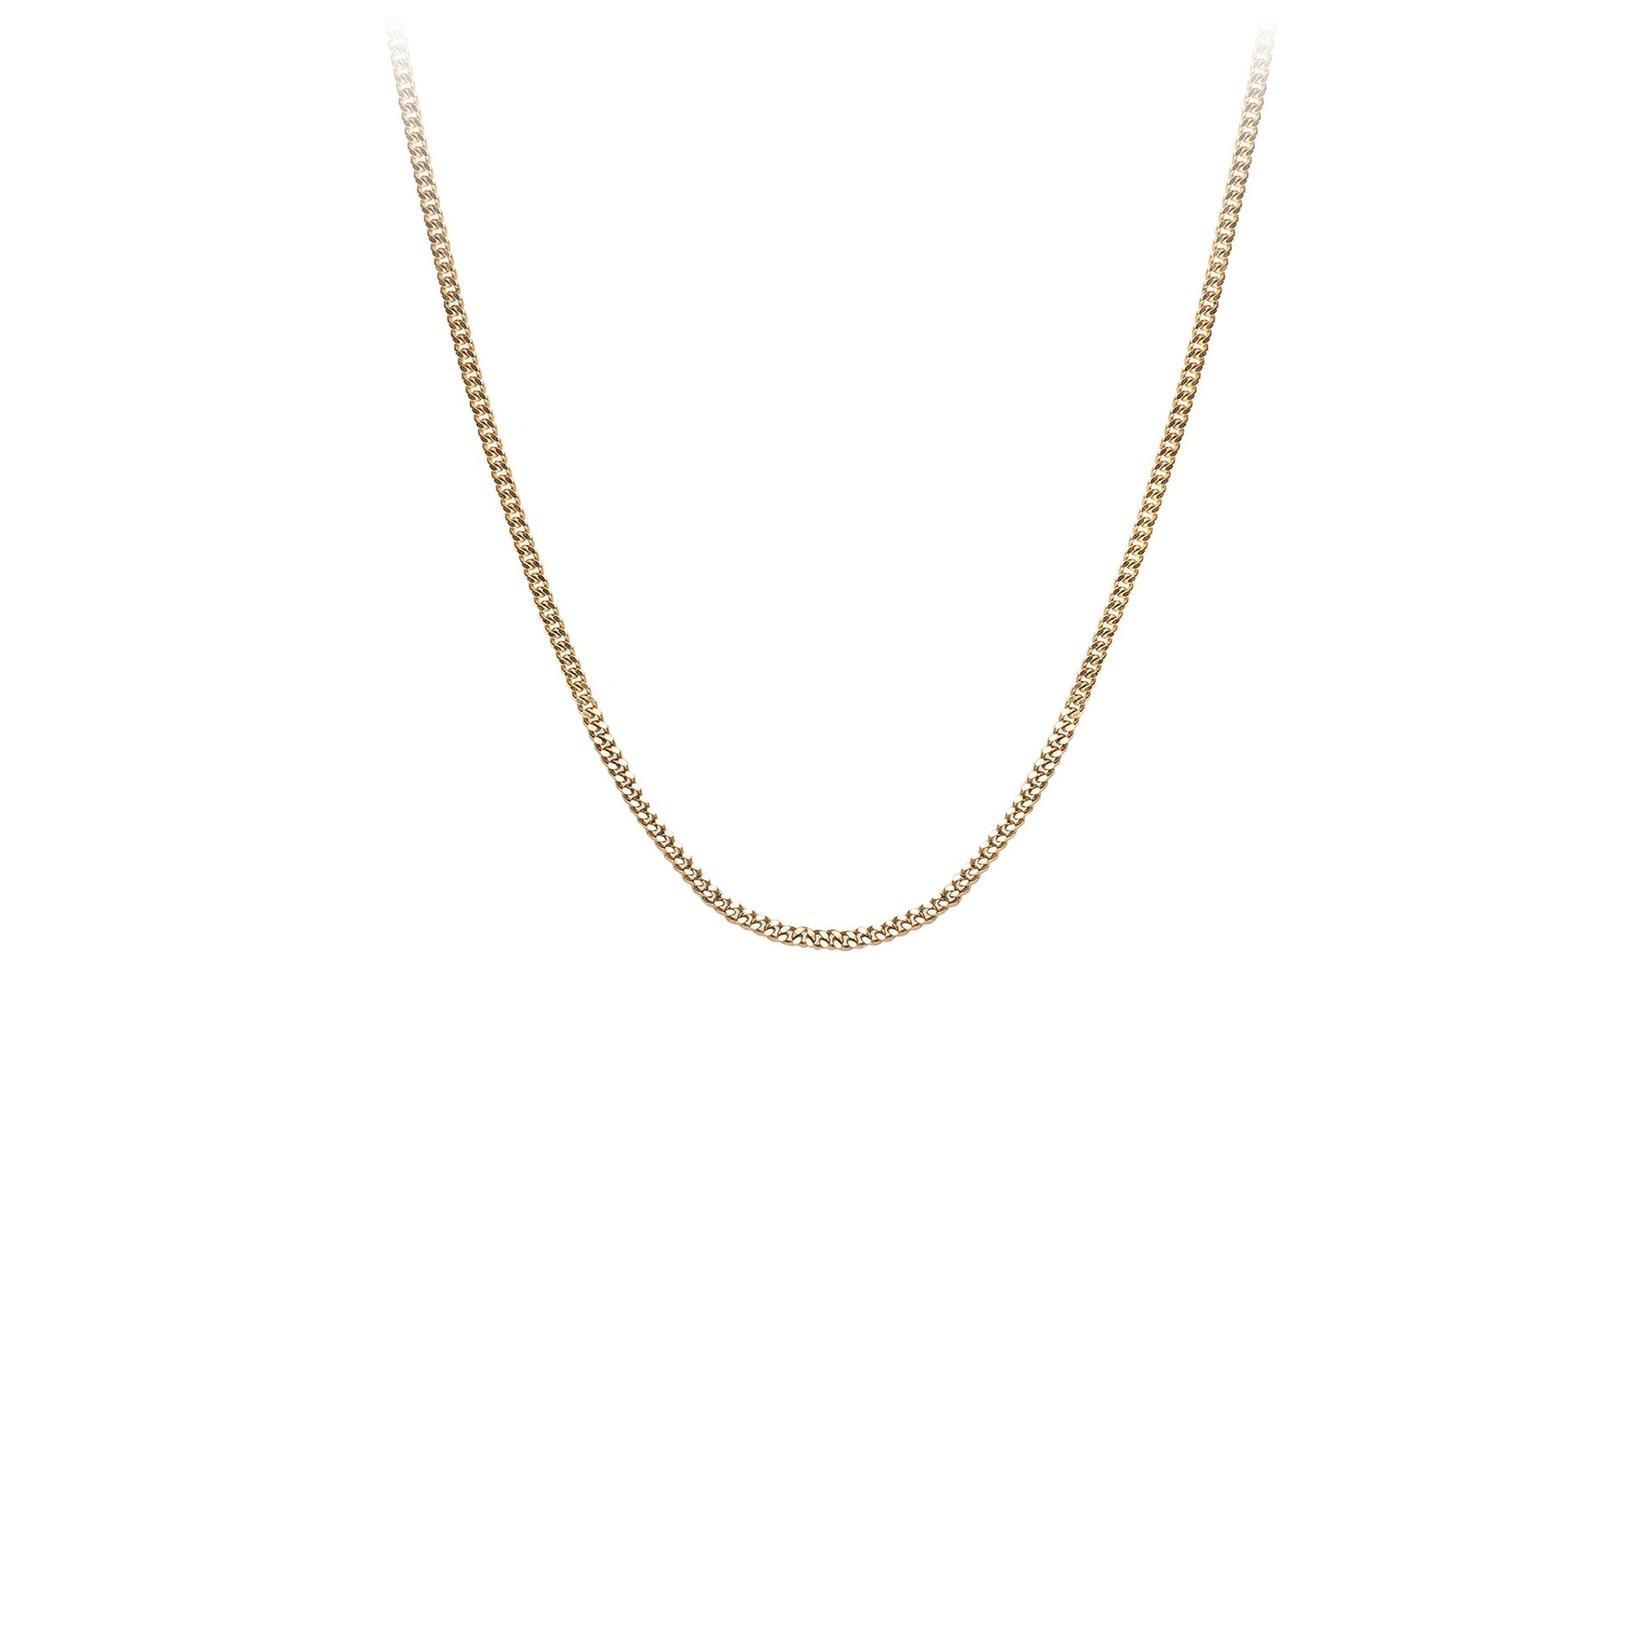 Pyrrha 14K Gold Medium Curb Chain